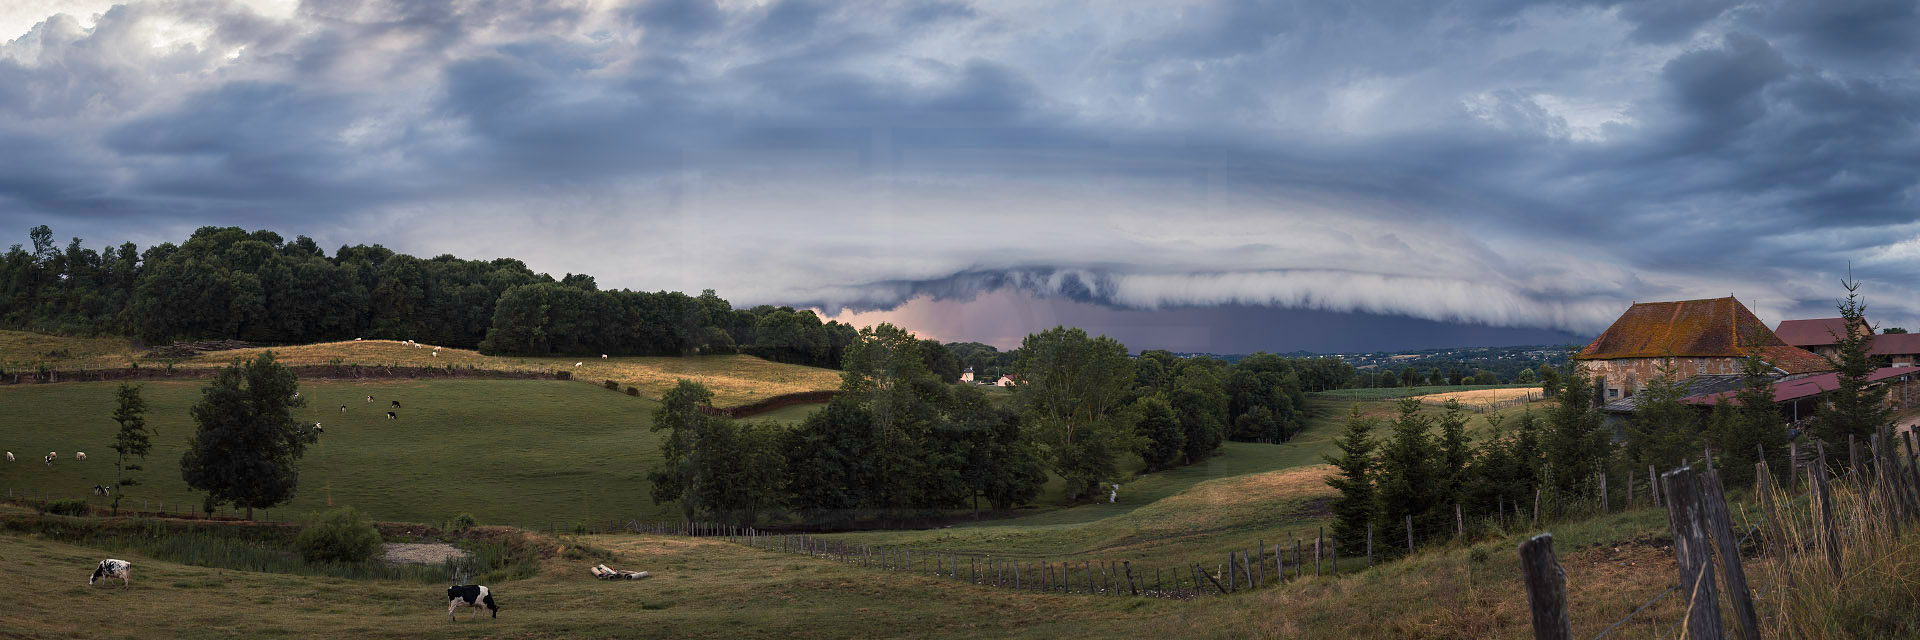 Panoramique-arcus-en-Isère-28-juin-2017.jpg